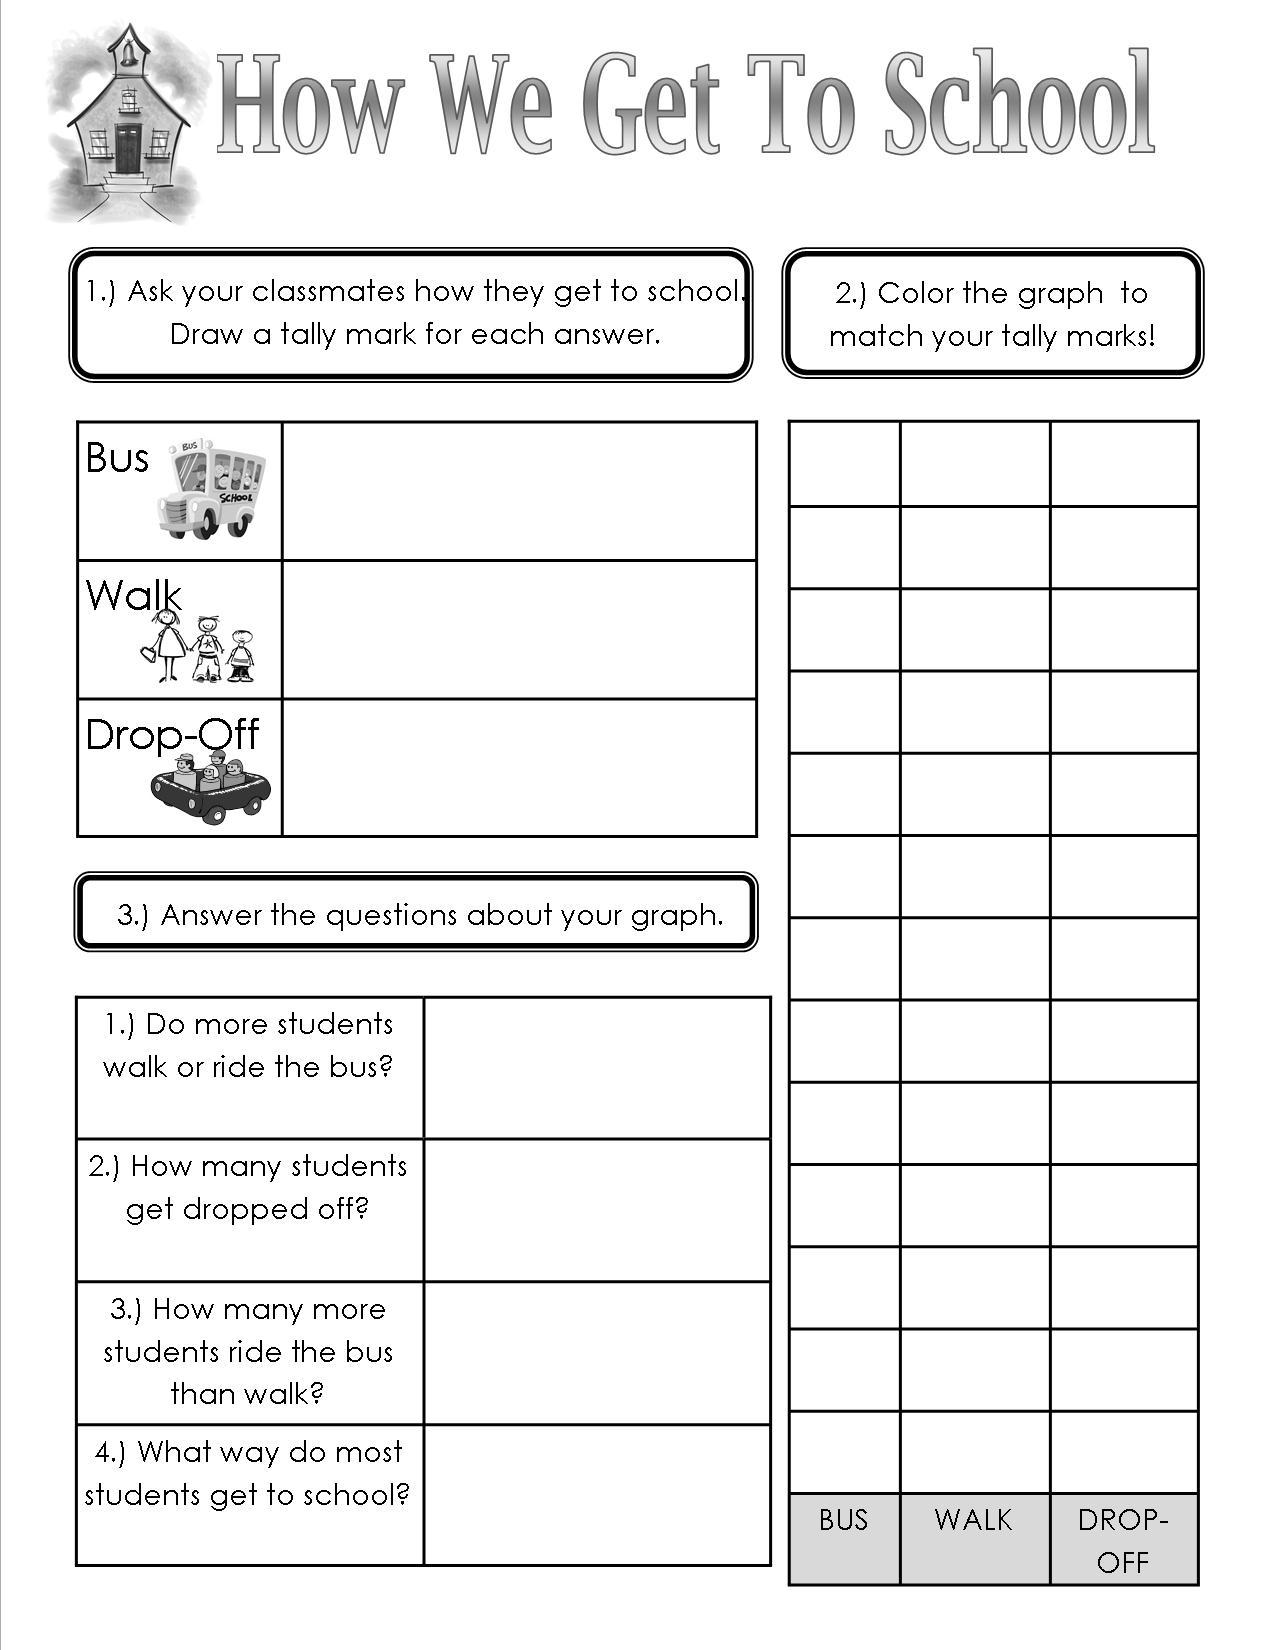 How We Get To School Sheet